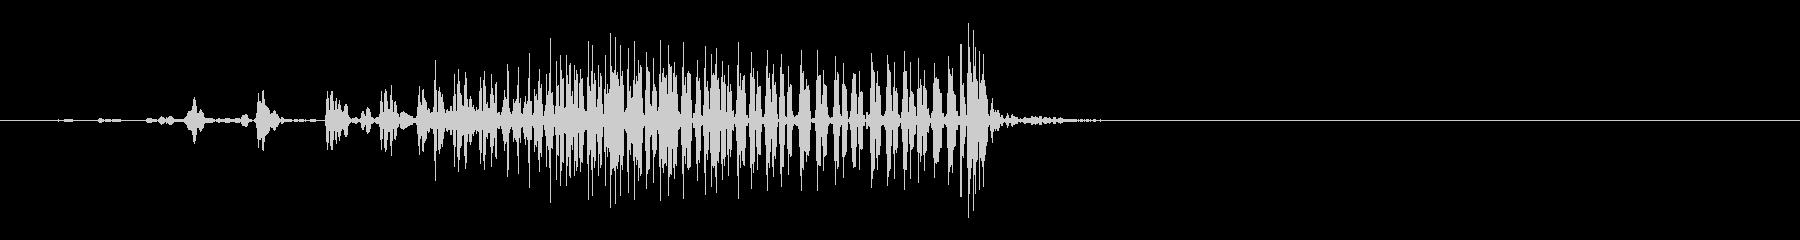 ジャー!ファスナー、チャックが閉まる音6の未再生の波形